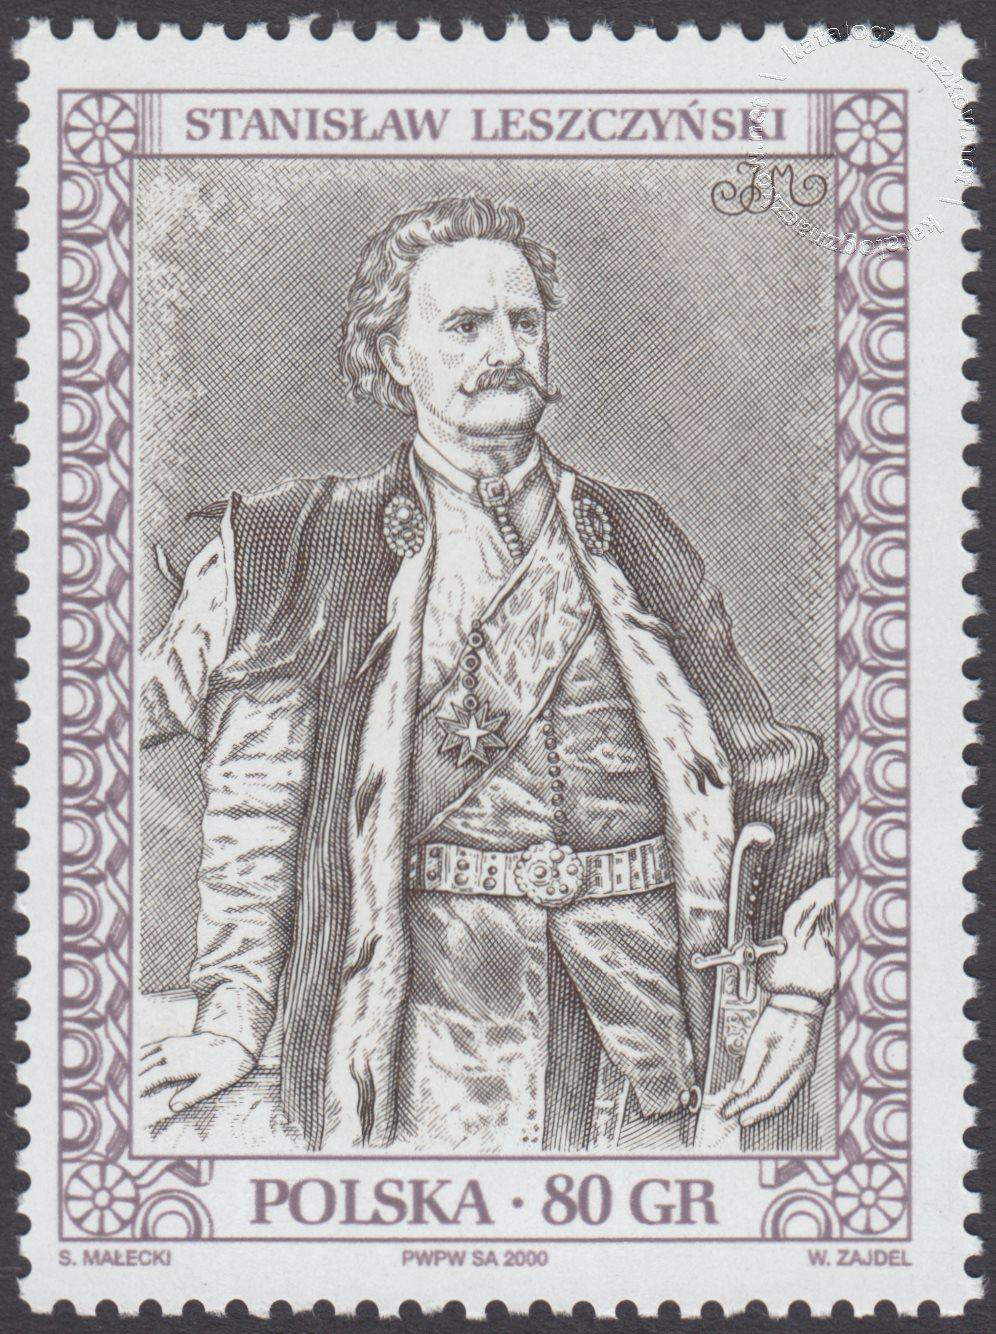 Poczet królów i książąt polskich znaczek nr 3716